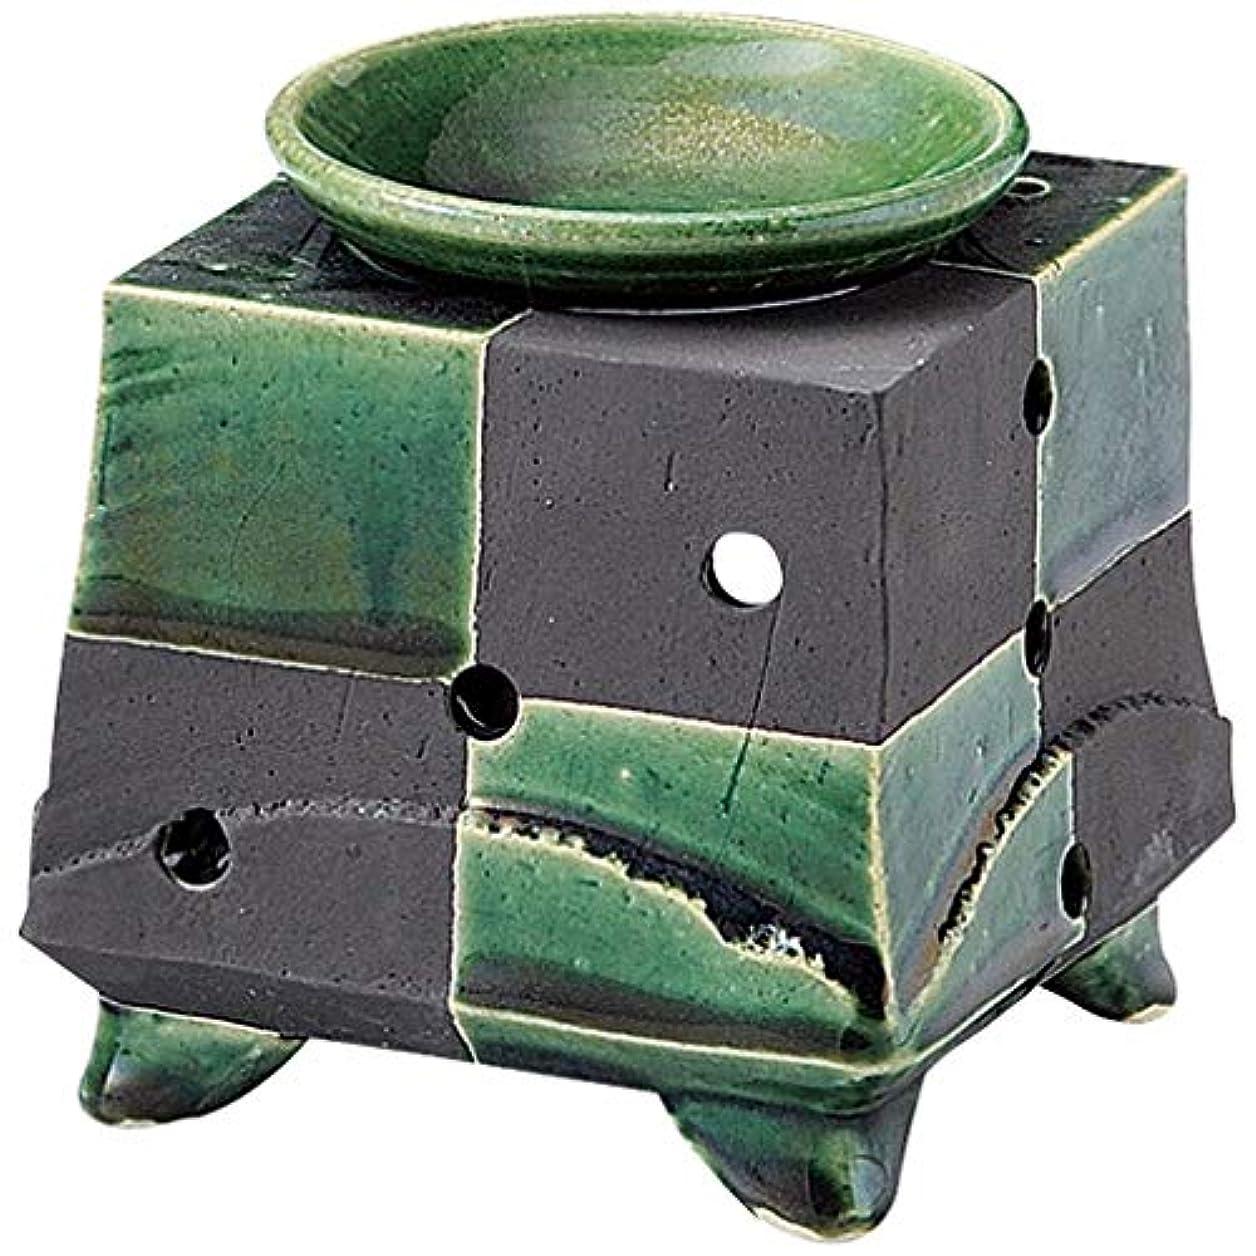 アブストラクト凝視確かにYI--Y-1622 常滑焼 茶香炉 化粧箱入 径11.5×高さ11.5cm